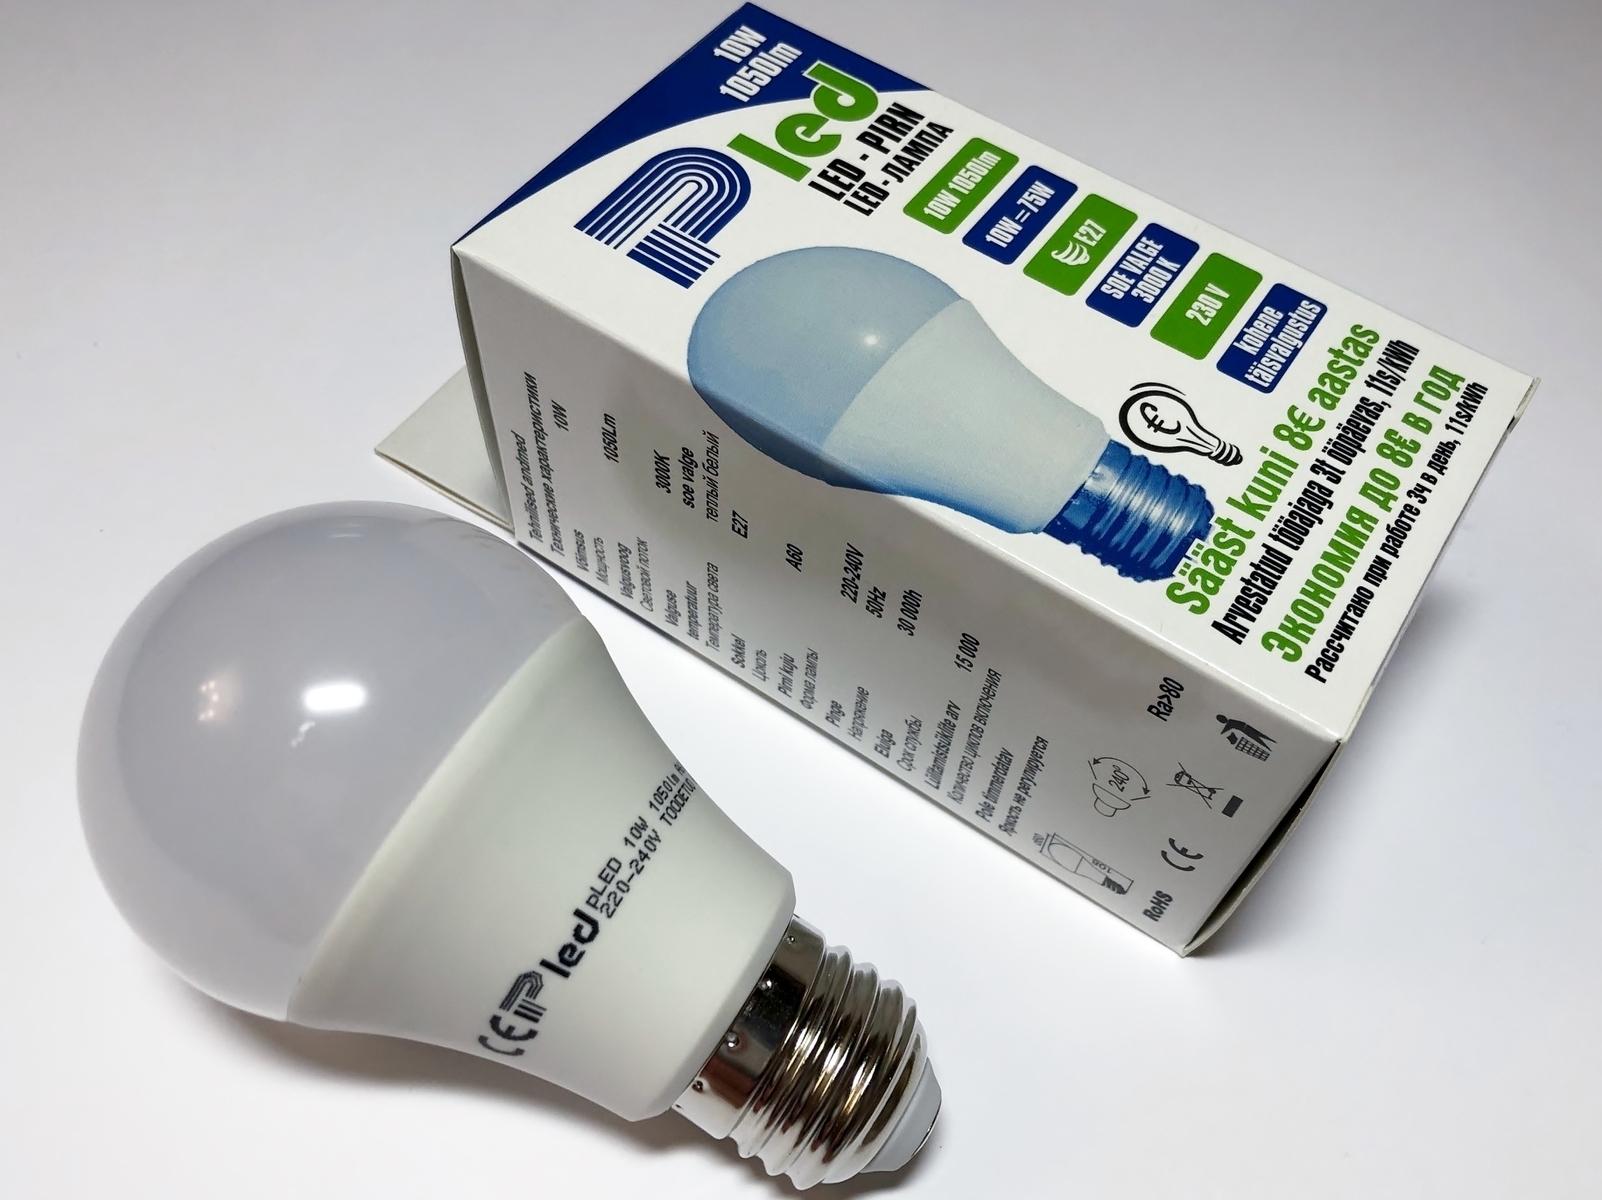 LED lamp 10 W, Pled, A60